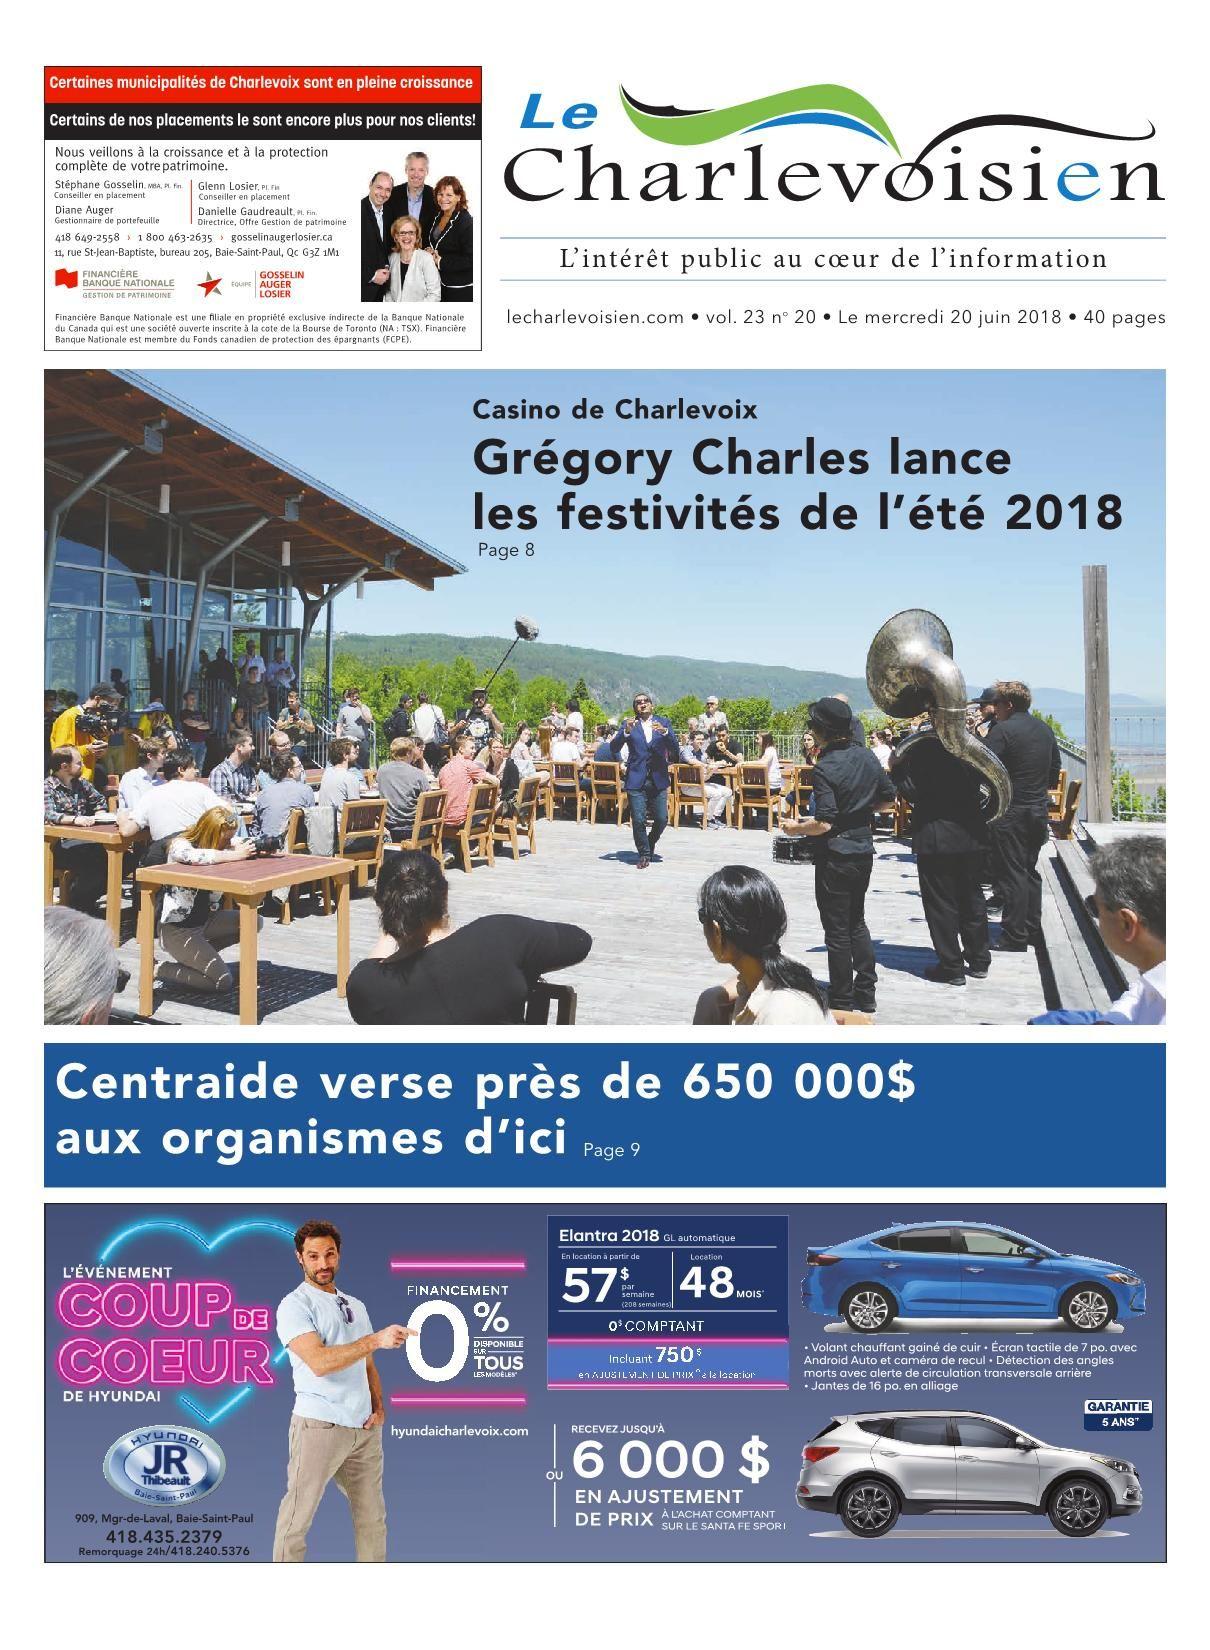 Le Charlevoisien 20 Juin 2018 Pages 1 - 40 - Text Version ... à Piscine Autoportée Leclerc